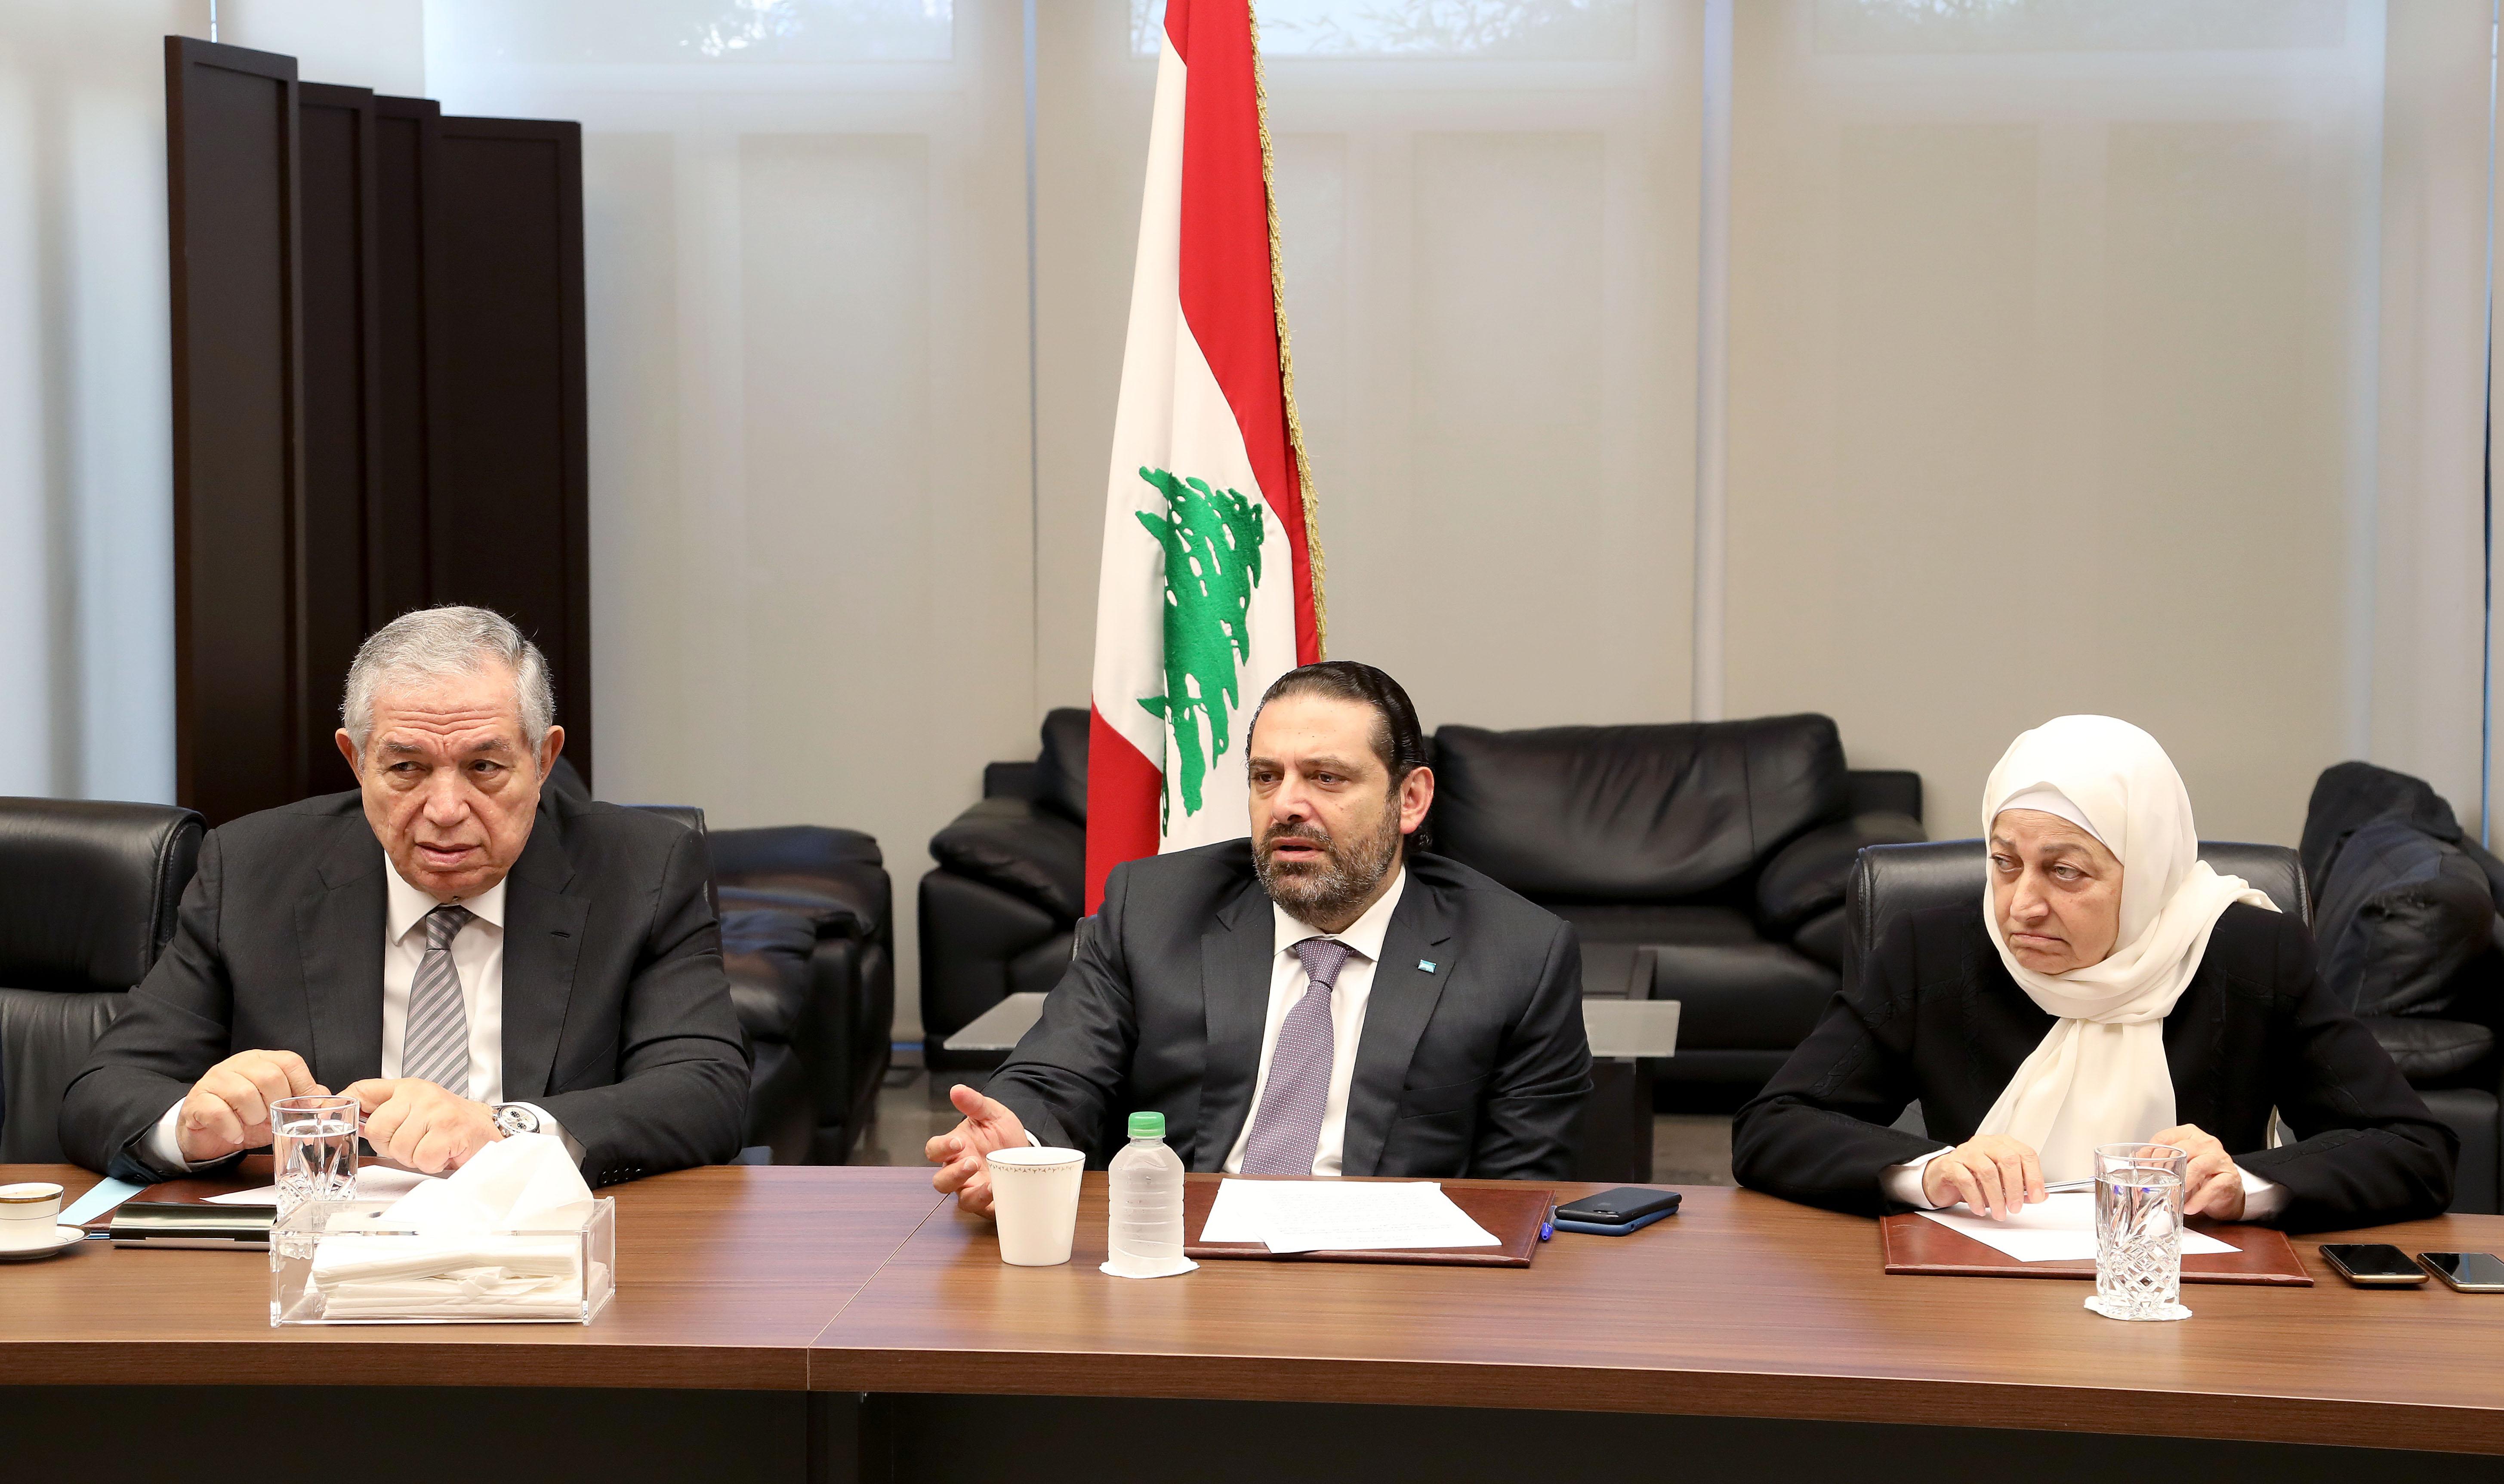 Pr Minister Saad Hariri Heading Almustaqbal MPs Bloc 1